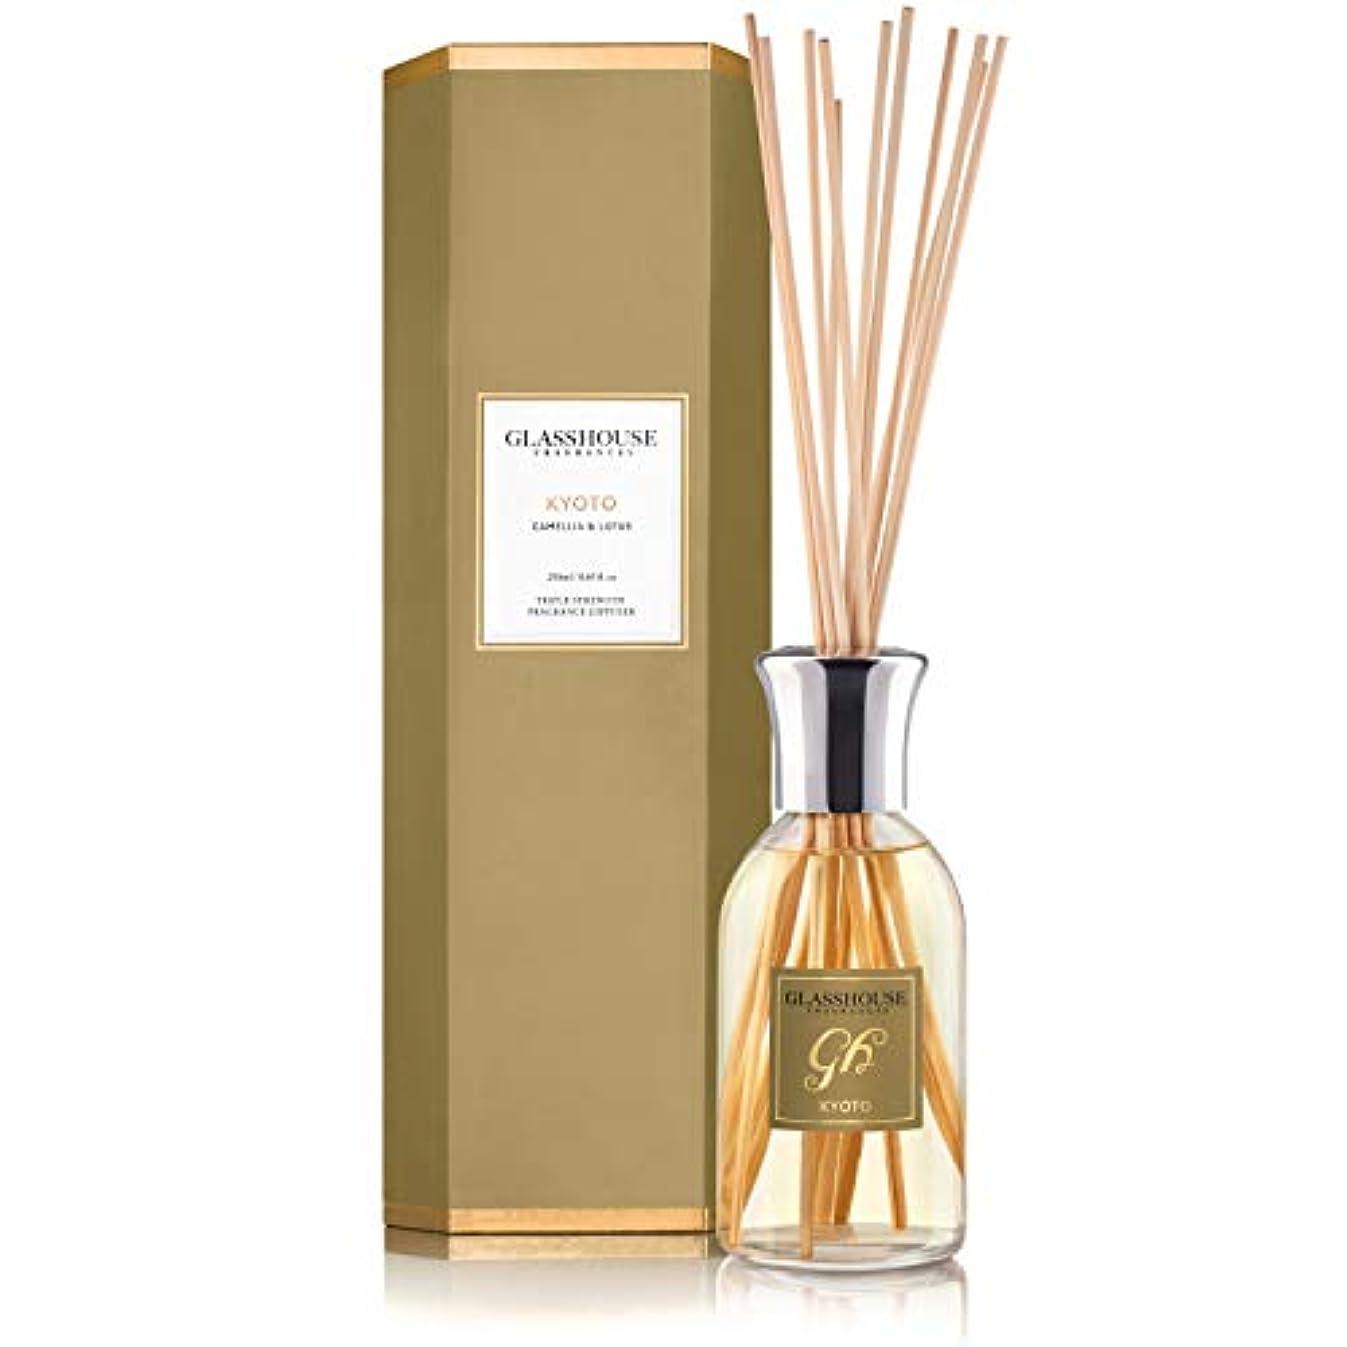 くさび嫌がるいうグラスハウス Triple Strength Fragrance Diffuser - Kyoto (Camellia & Lotus) 250ml/8.45oz並行輸入品